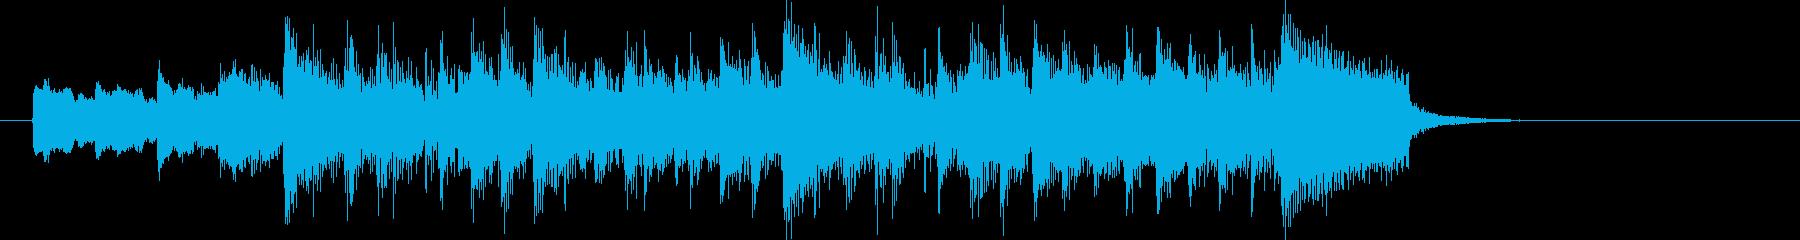 お洒落で鉄琴が印象的なBGMの再生済みの波形